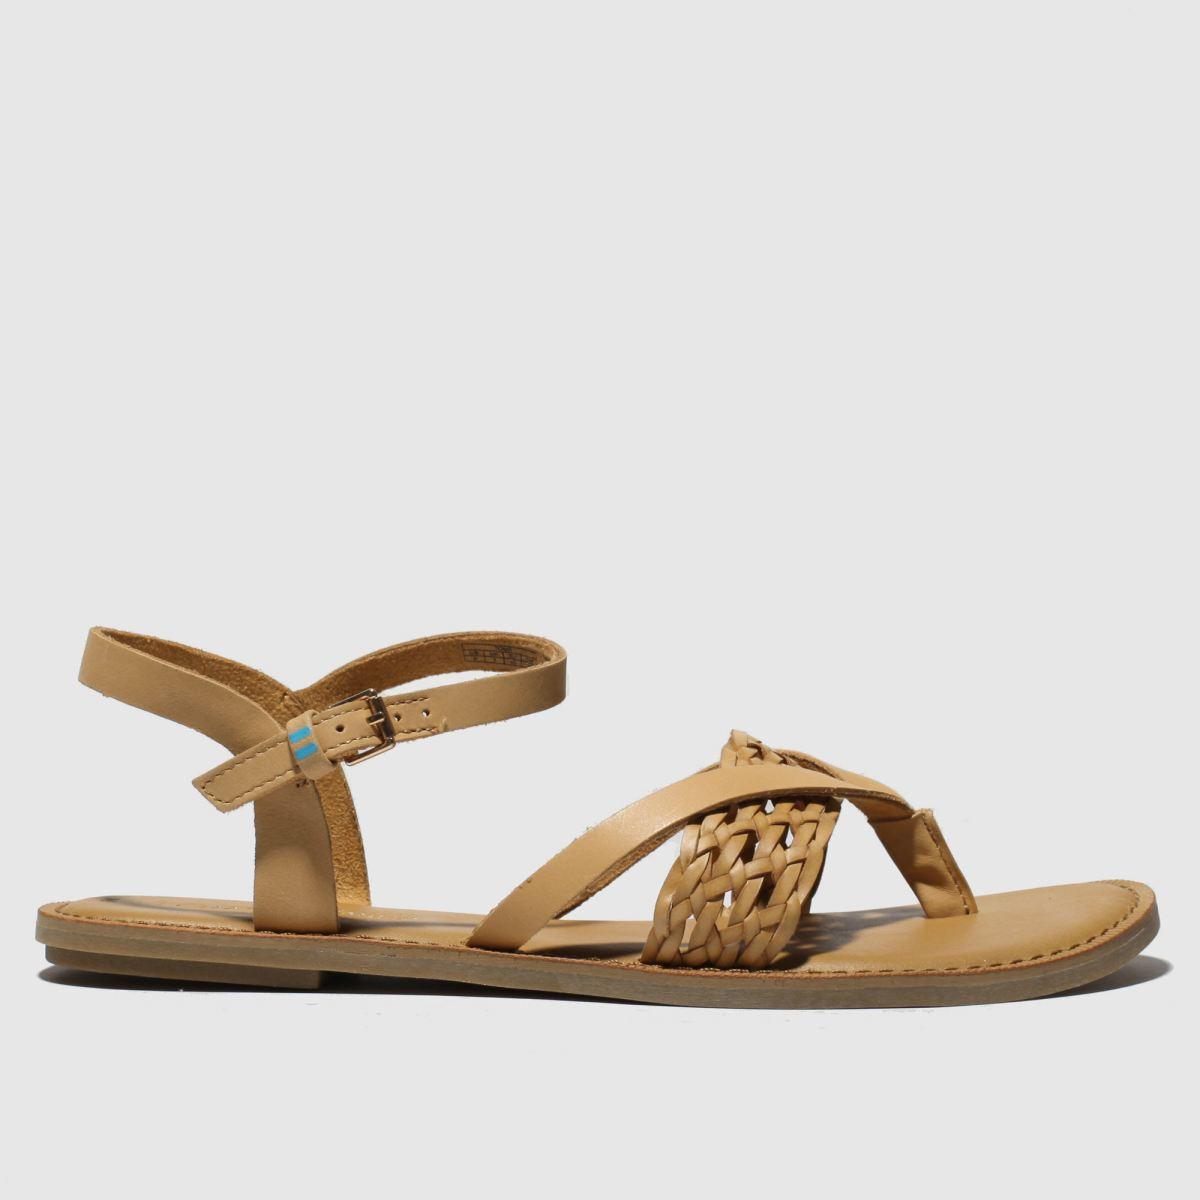 Toms Tan Lexie Sandals